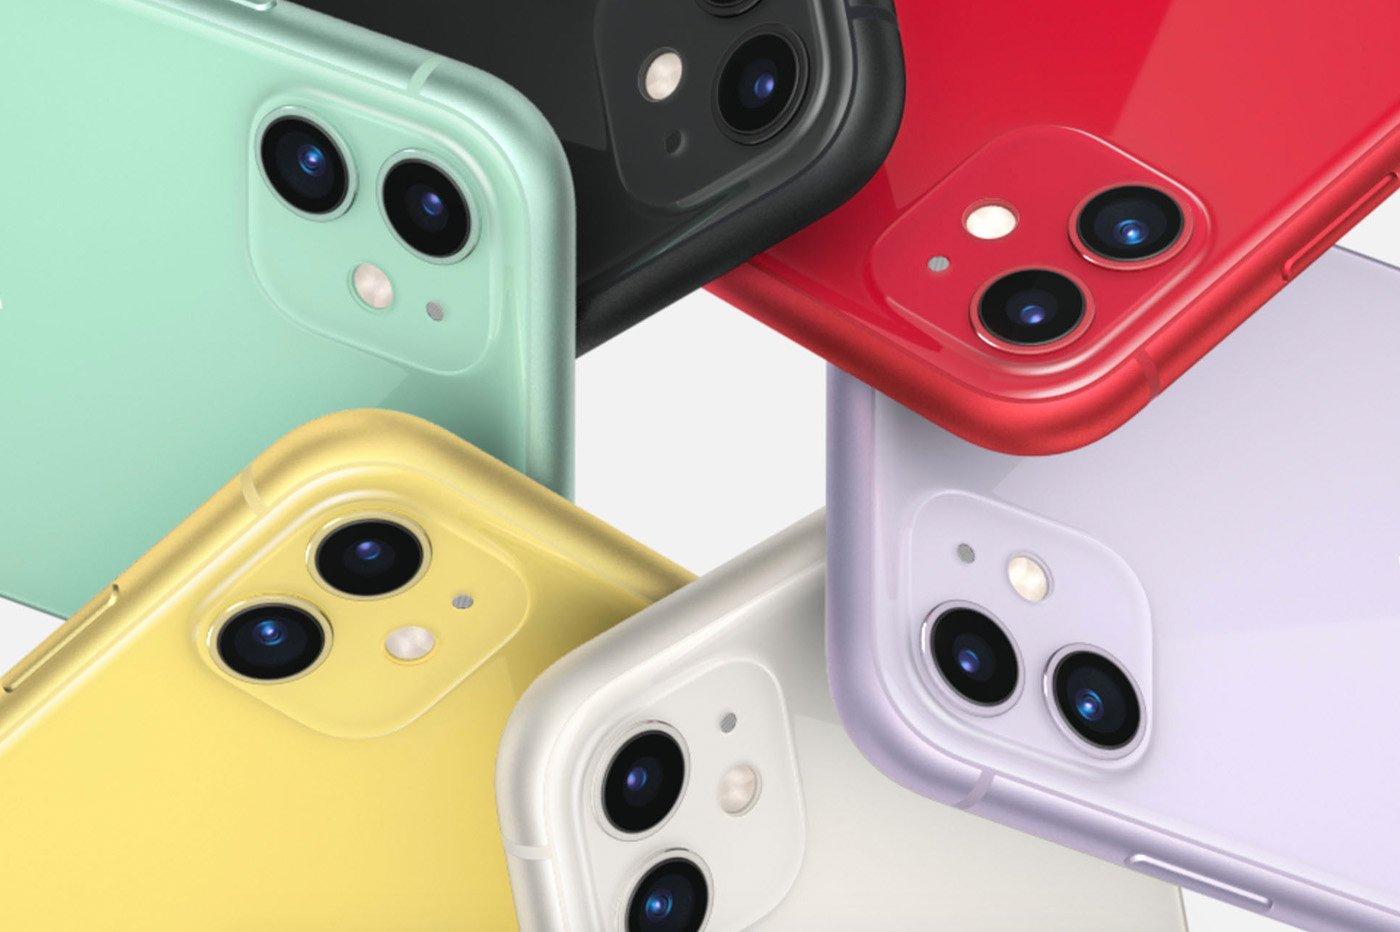 Coloris de l'iPhone 11